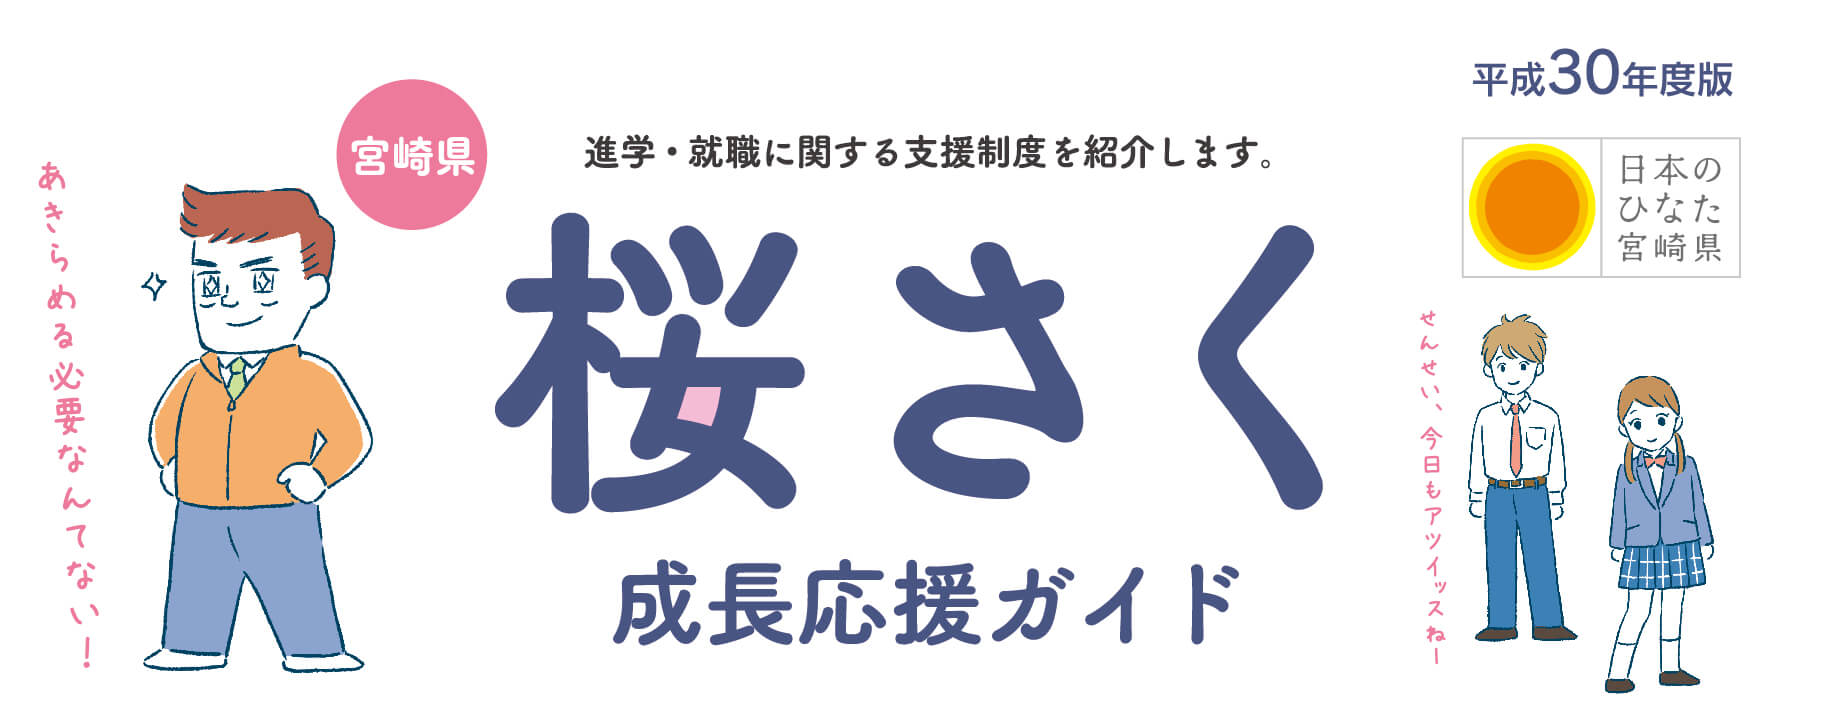 桜さく成長応援ガイドのモバイル版イメージ画像